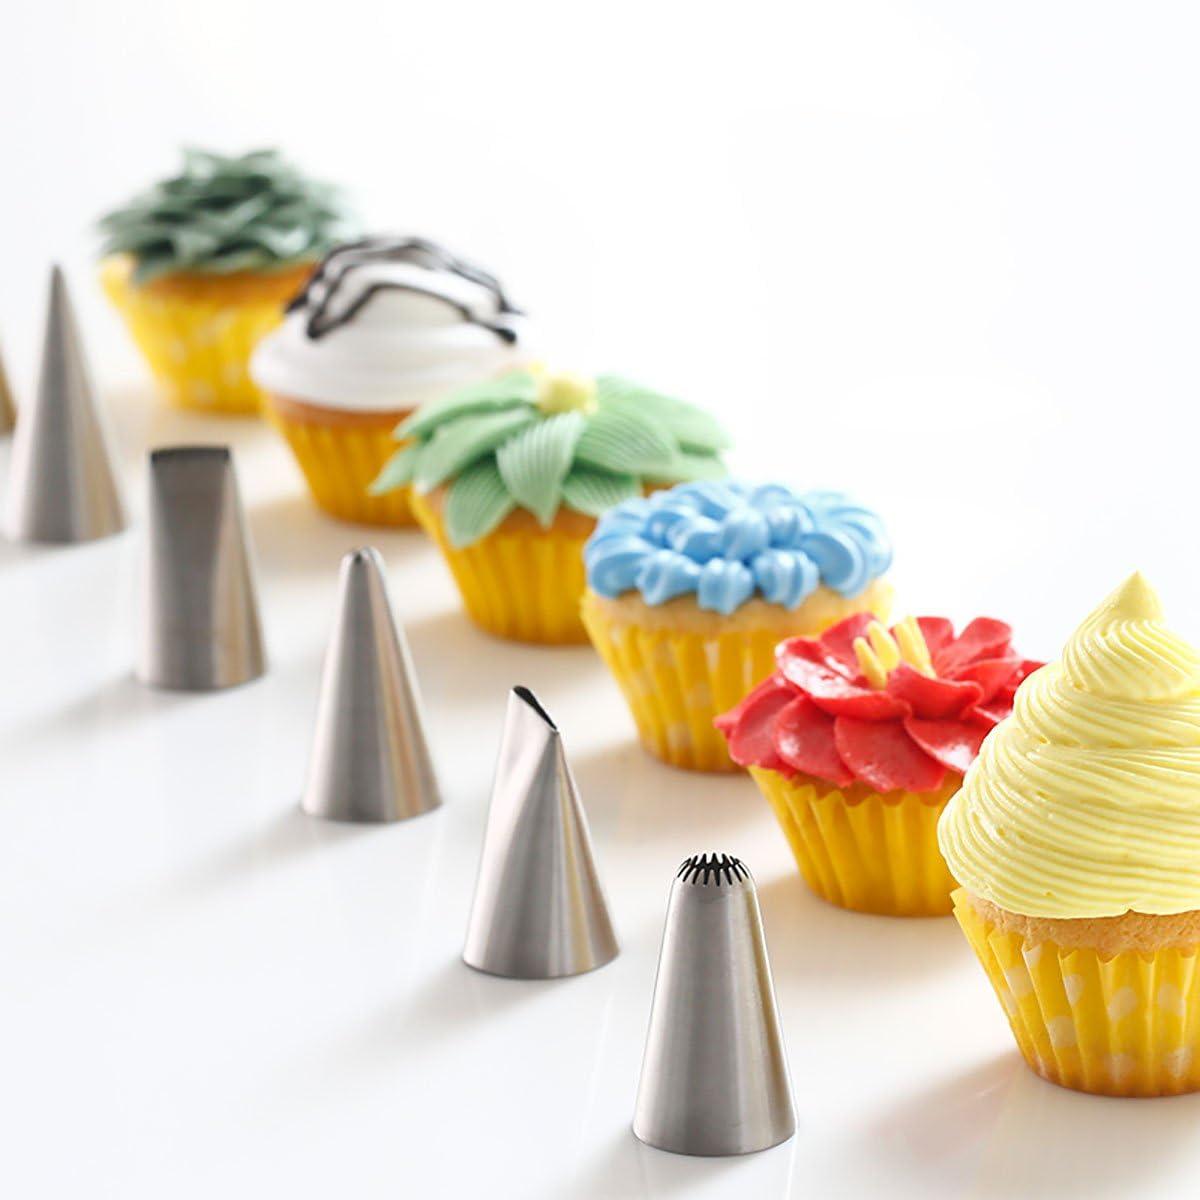 Mesa giratoria para tartas soporte de tarta giratorio todo en uno para la decoraci/ón de tartas con una esp/átula para glaseado y glaseado suave